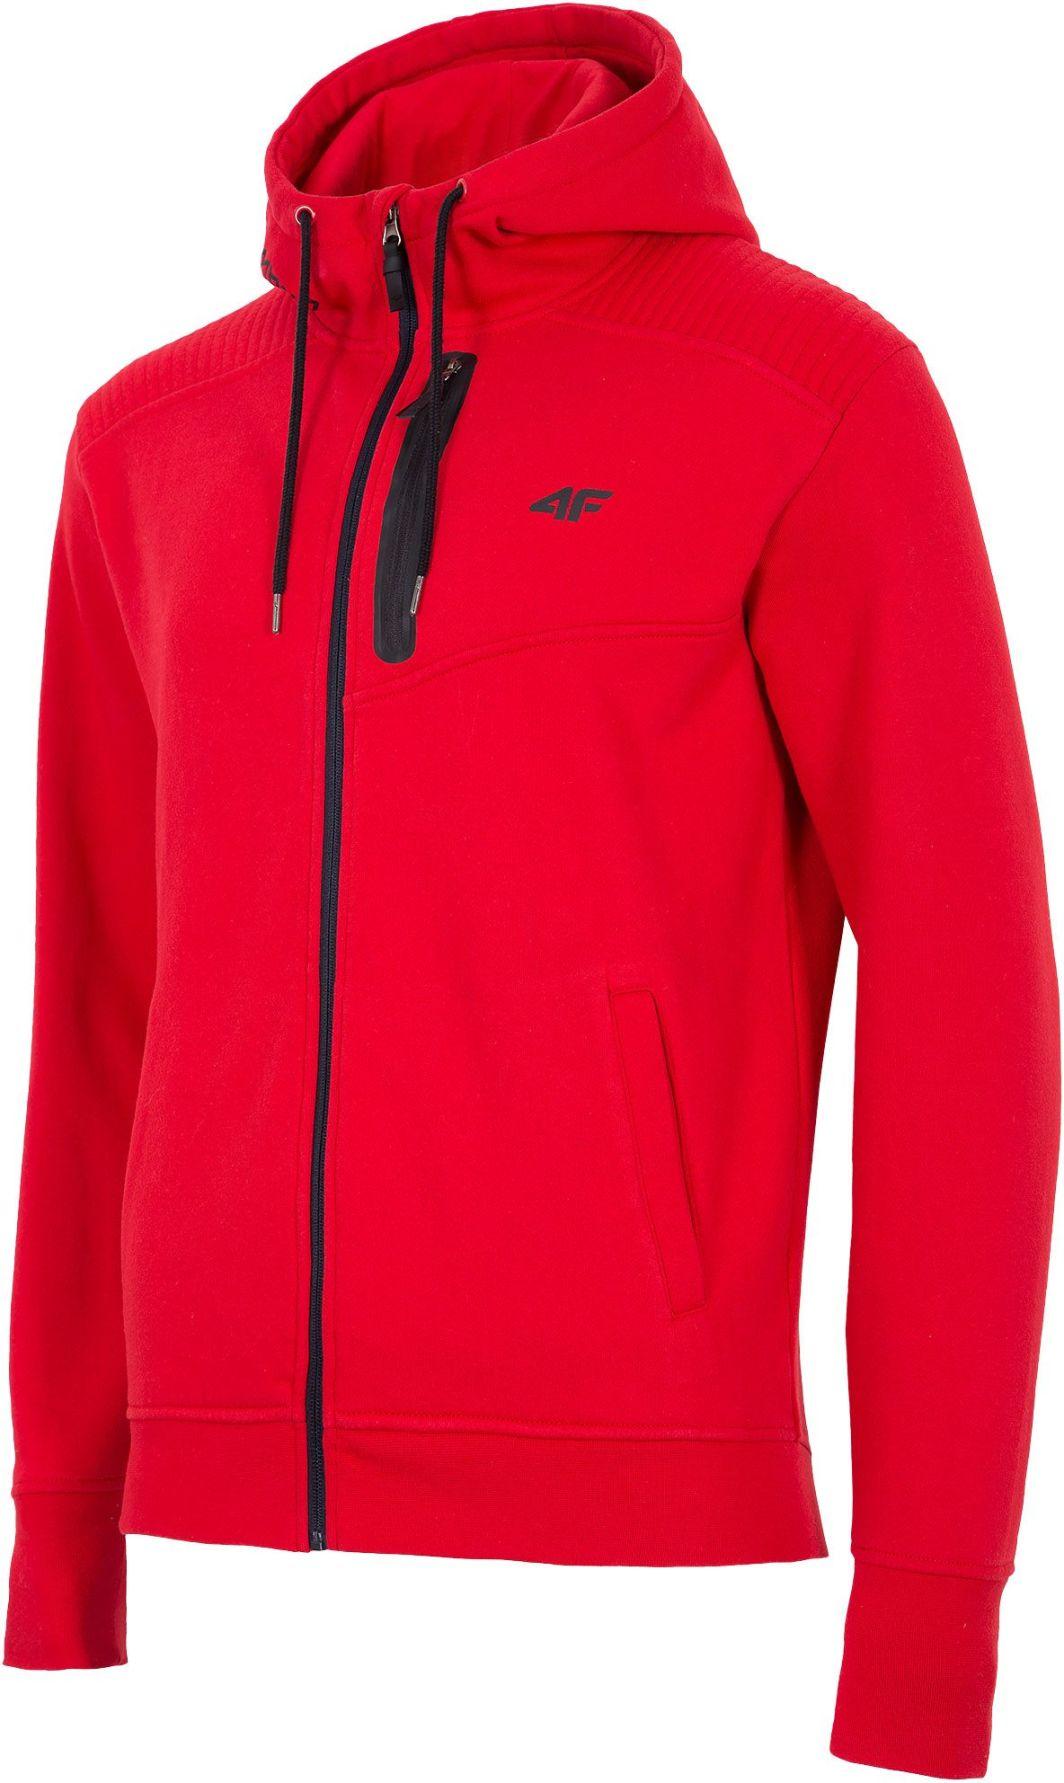 4f Bluza męska H4L18 BLM006 czerwona r. XXL ID produktu: 1768571